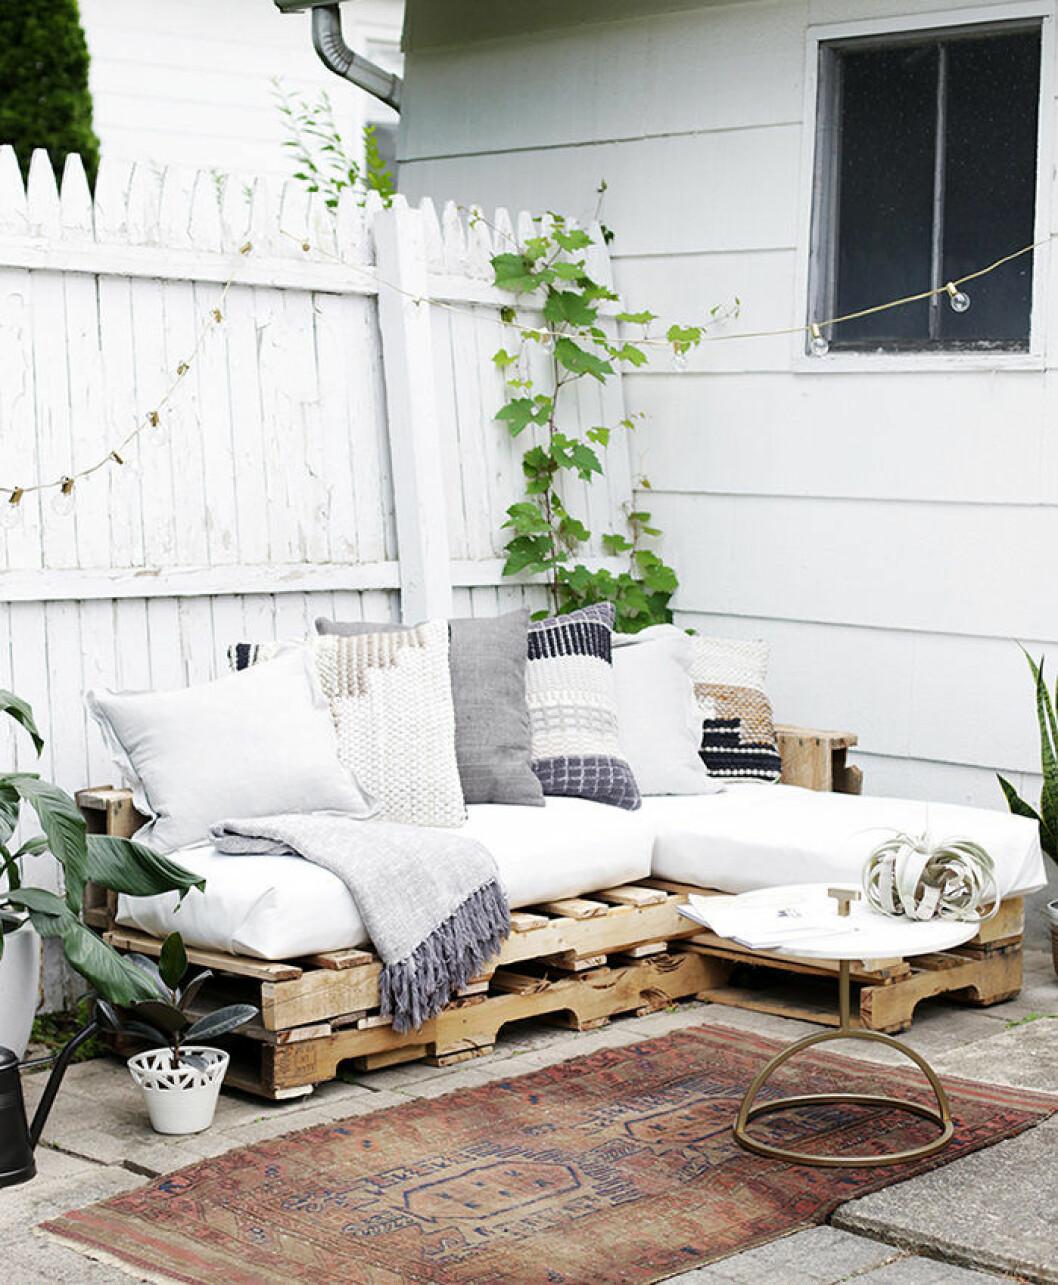 DIY-projekt: Skapa en soffa med lastpallar